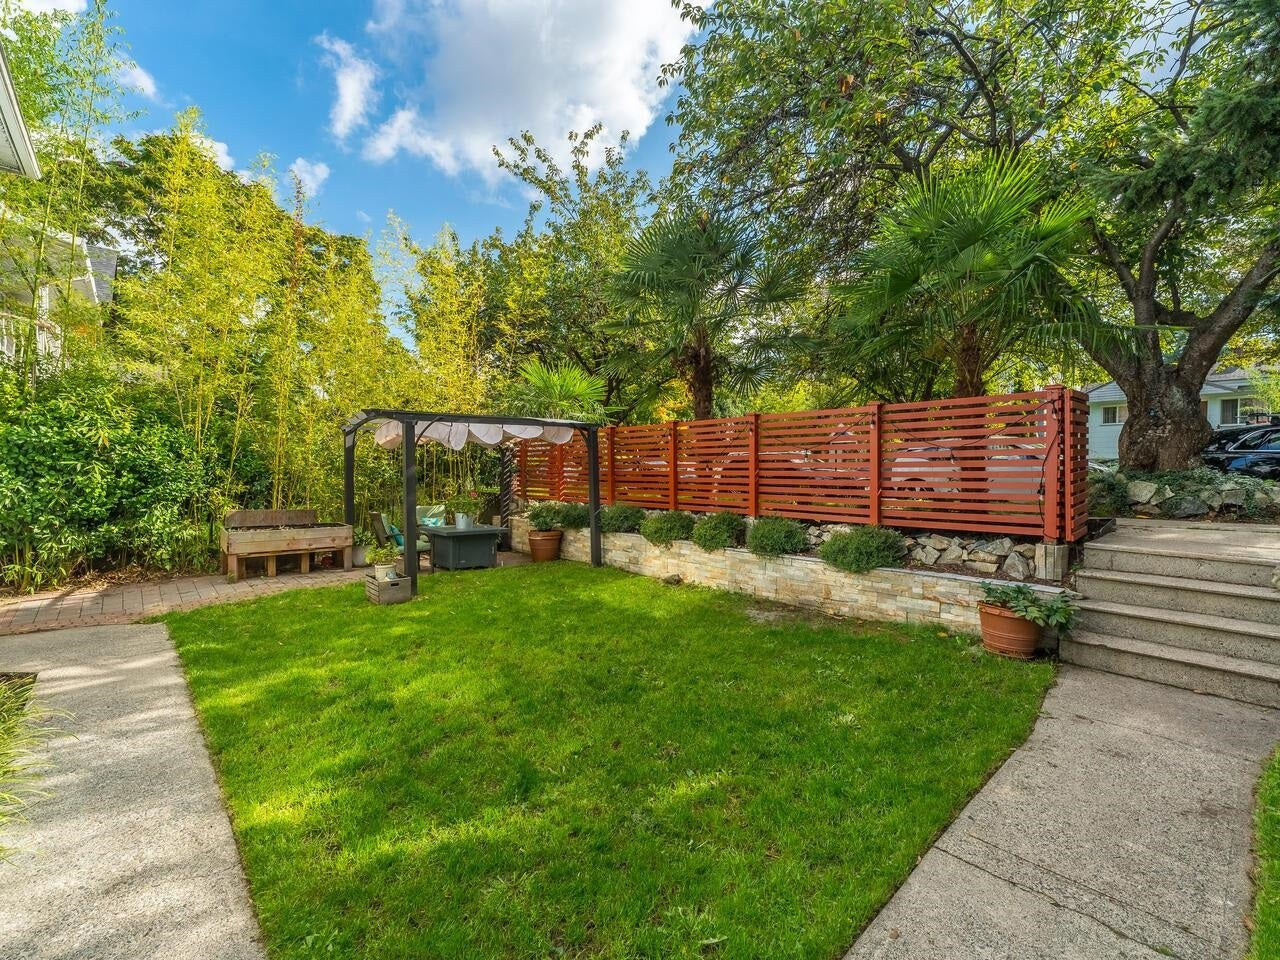 1231 E 11TH AVENUE - Mount Pleasant VE 1/2 Duplex for sale, 3 Bedrooms (R2625828) - #32